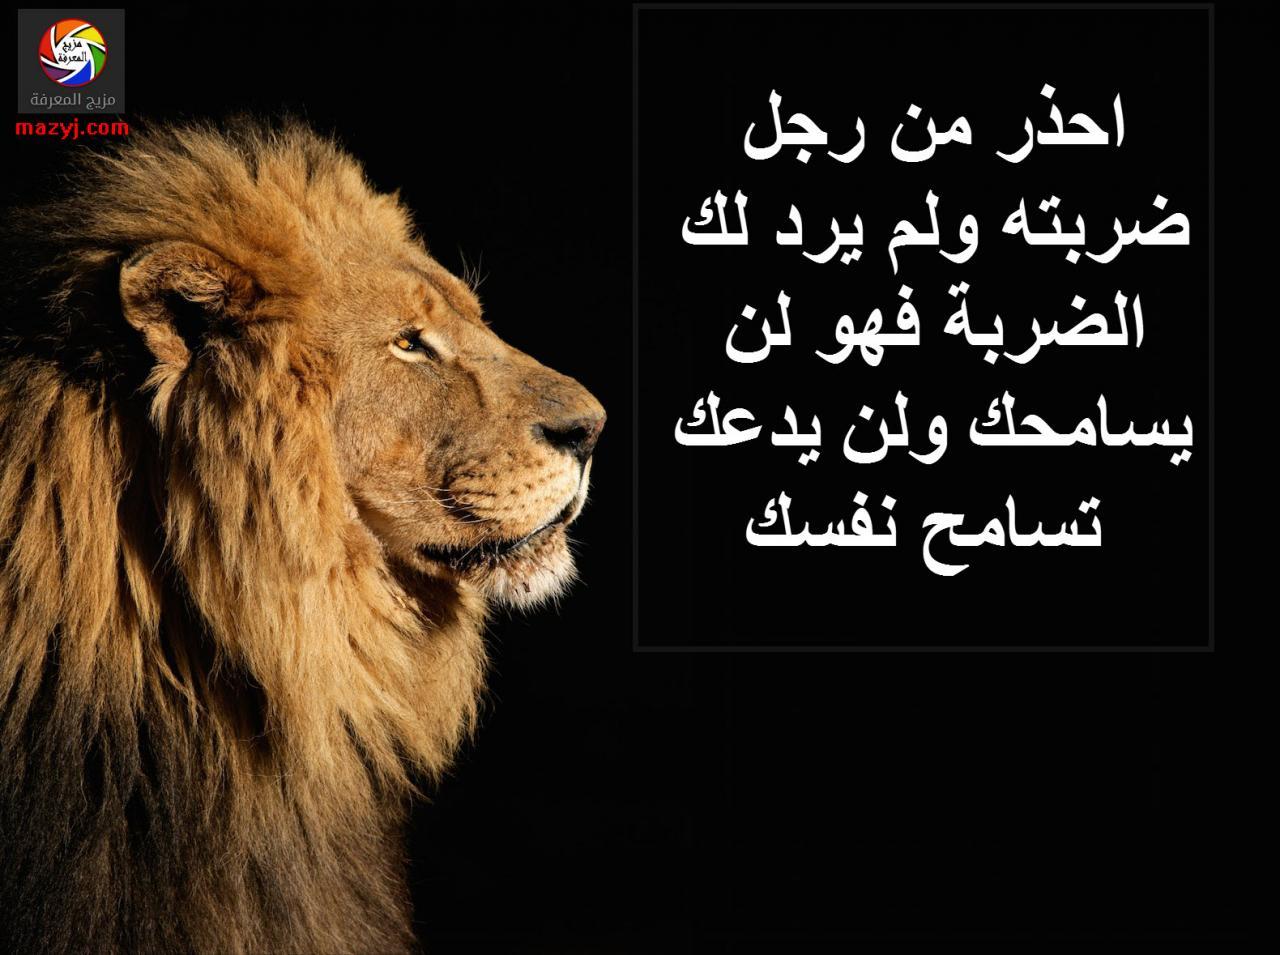 ابيات شعر مدح اقوى كلمات الغزل والمدح بالصور صور بنات